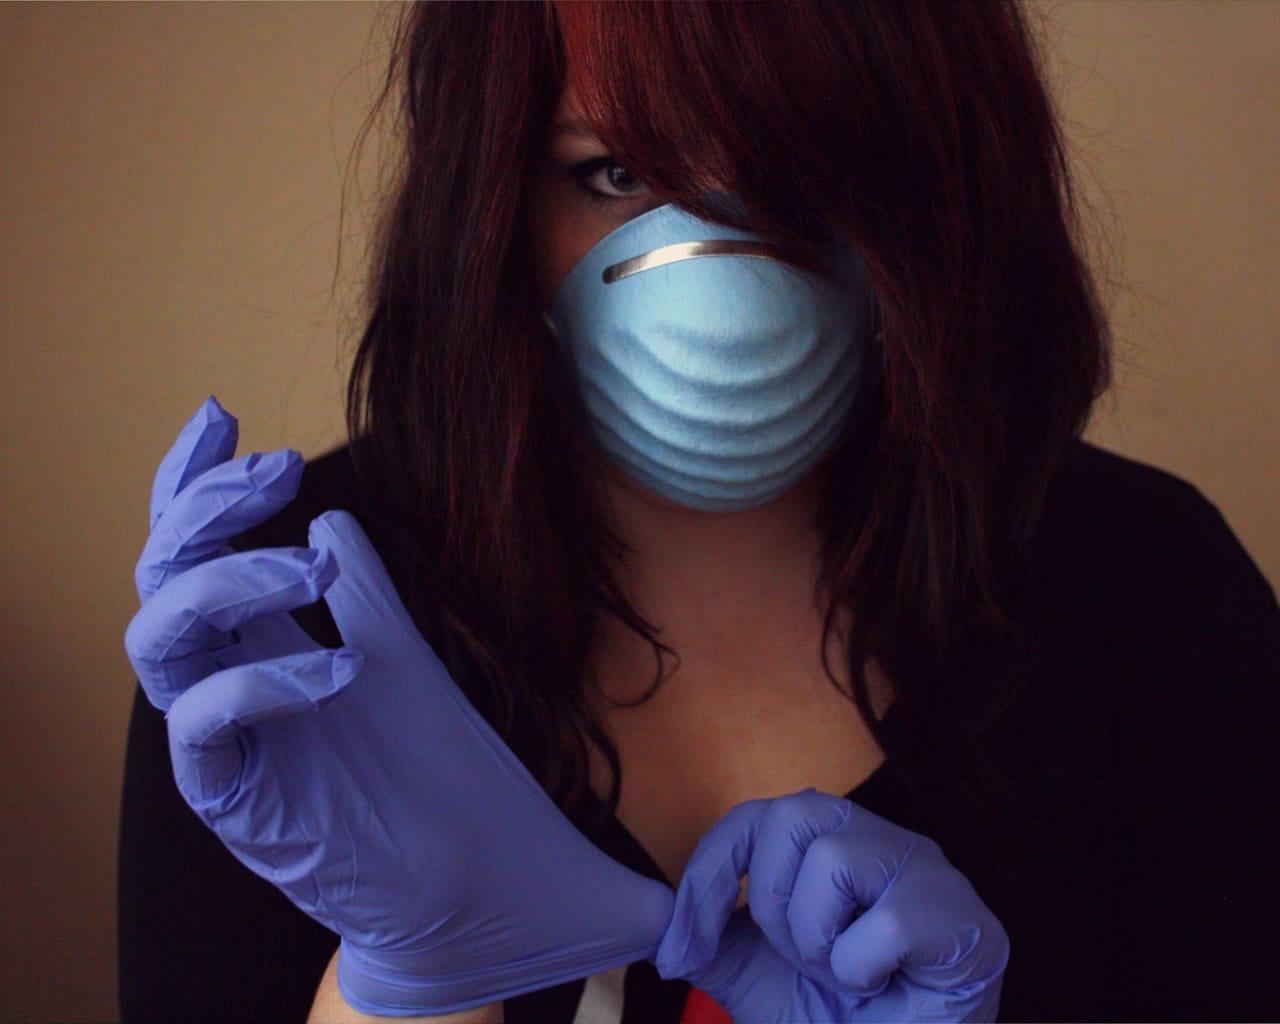 maskes ke antisiptika ypochreotika apo deftera avastachto to kostos